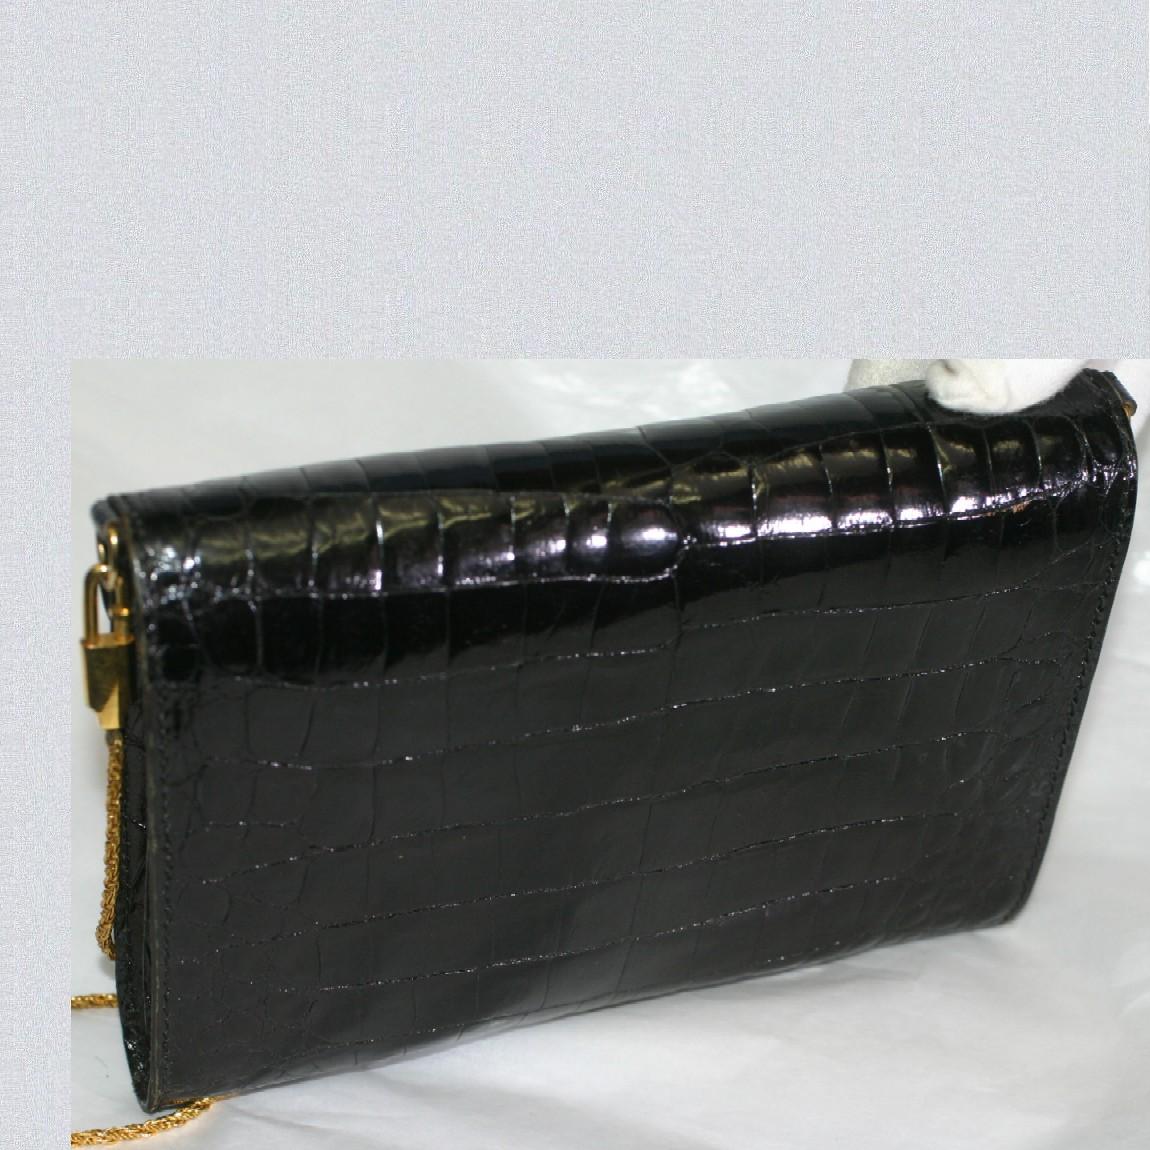 51b247a429b7 女性用の黒いクロコダイル素材のフランス製の取外し可能なチェーンショルダーのついたクラッチバッグの出品です。サイズ はW19,8H14D2,5cmで取外し可能なチェーンの全長 ...